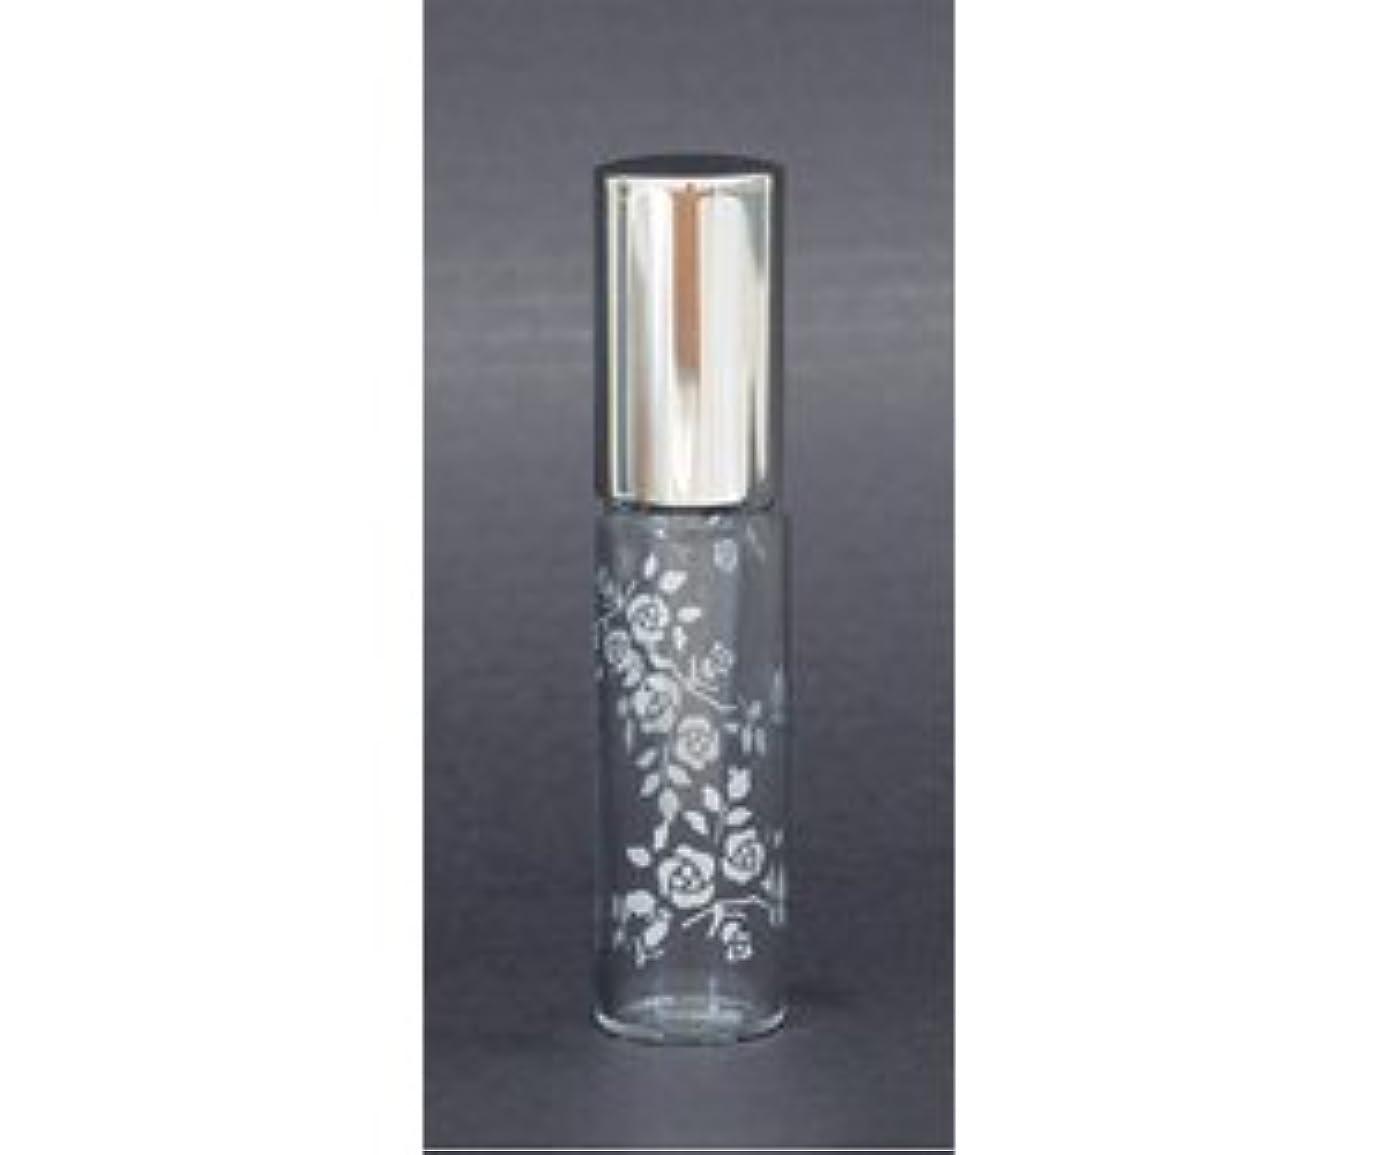 未満機密たくさんヤマダアトマイザー コロプチ パフュームローラー 香水 携帯用 詰め換え用付属品入り 60714 アトマイザー